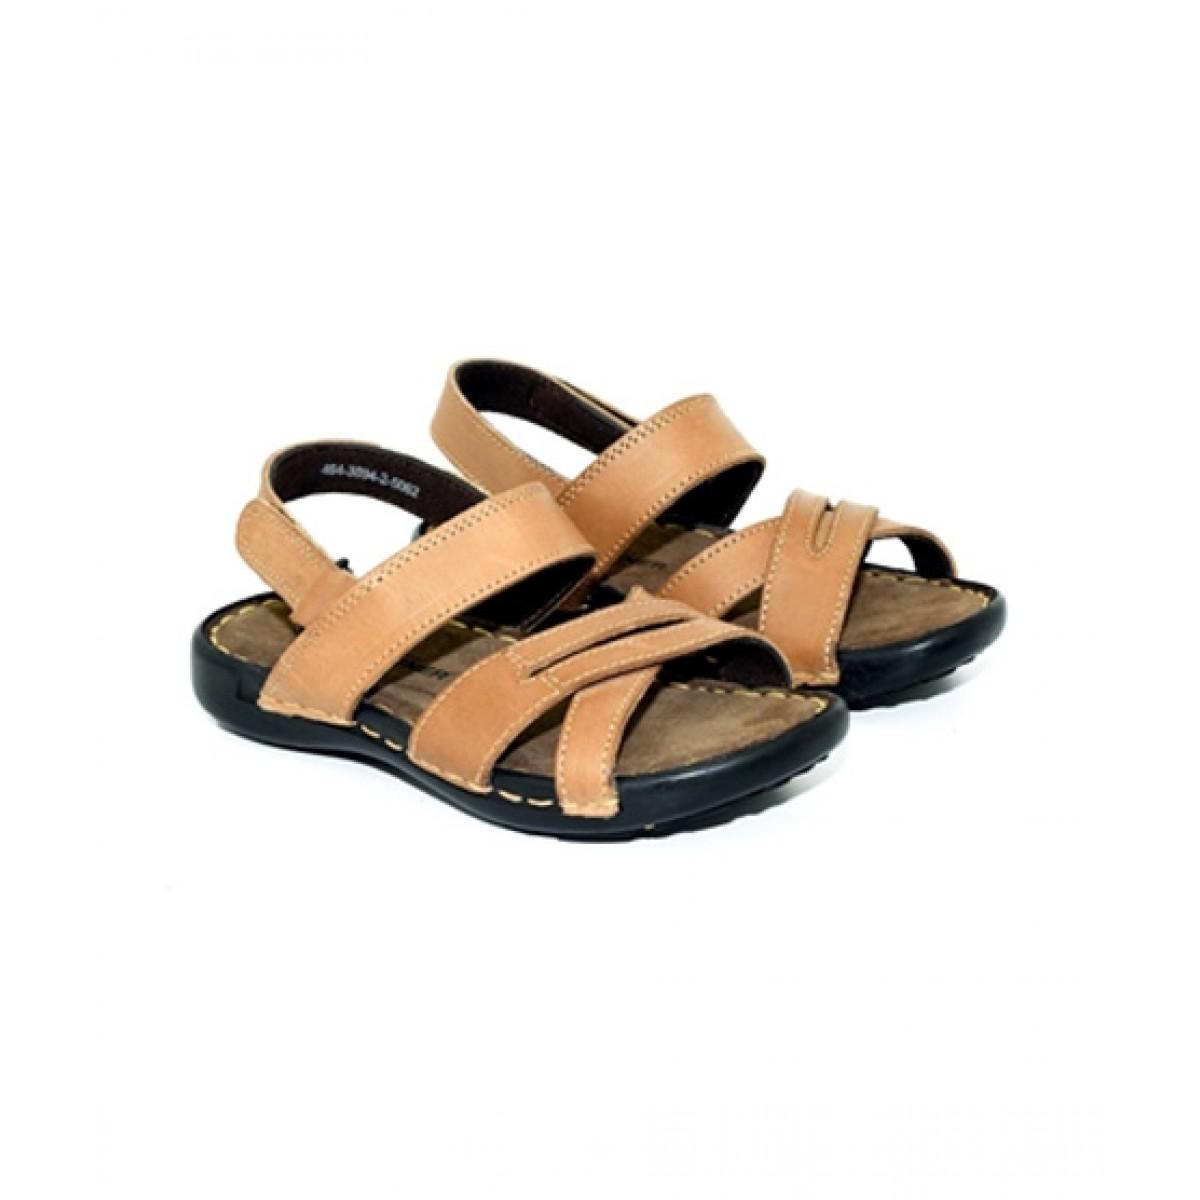 Bata Weinbrenner Sandal For Men Light Brown (464-3894)